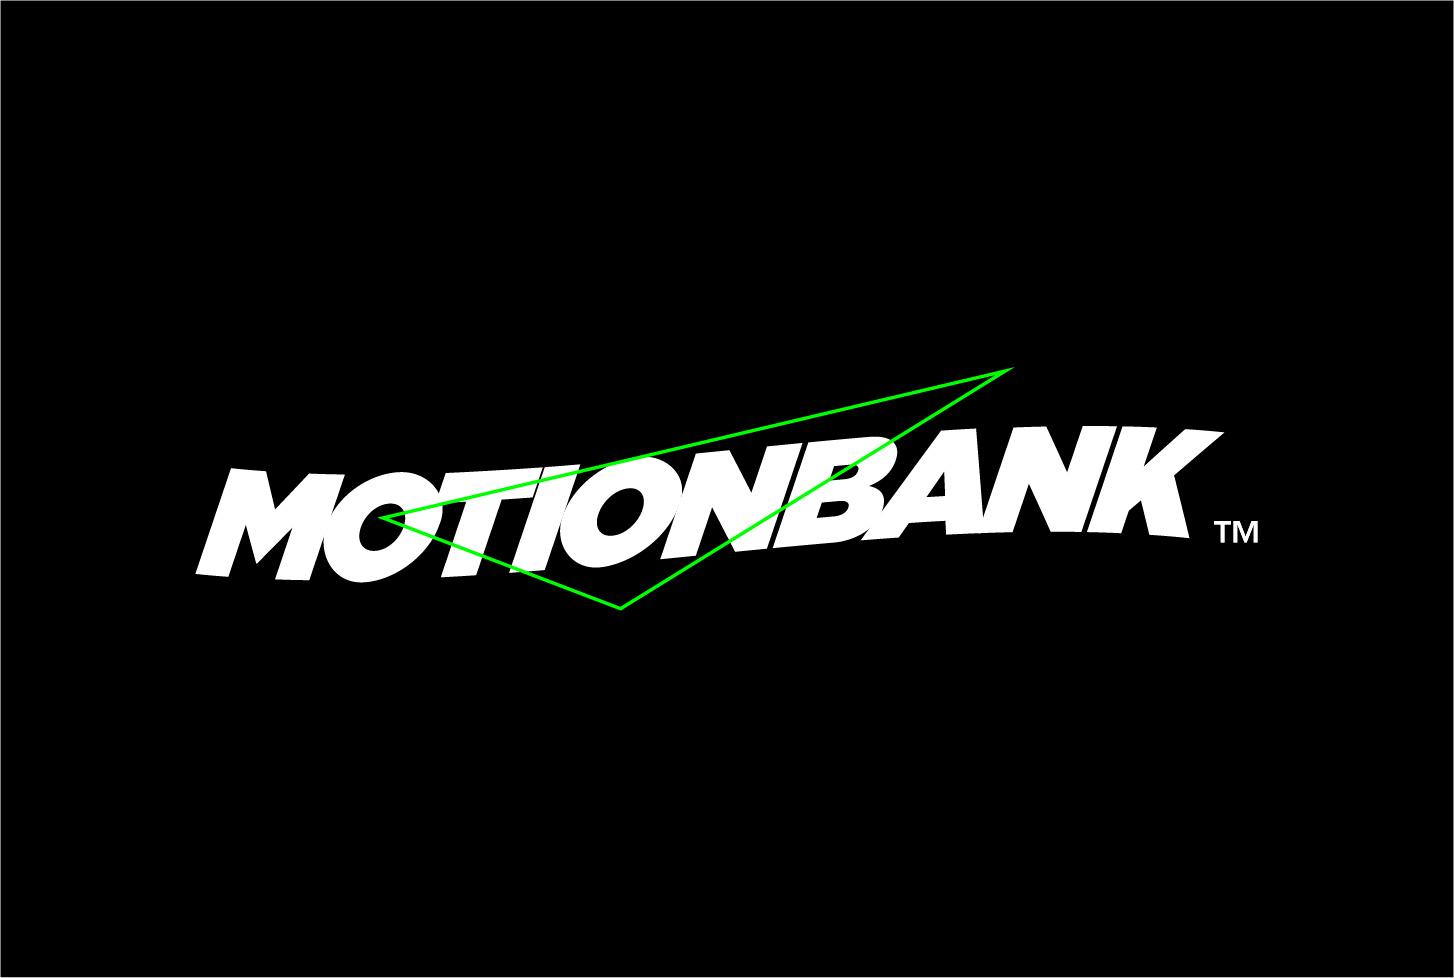 アノマリー×帝人フロンティア 共同事業「MOTIONBANK PROJECT」発表